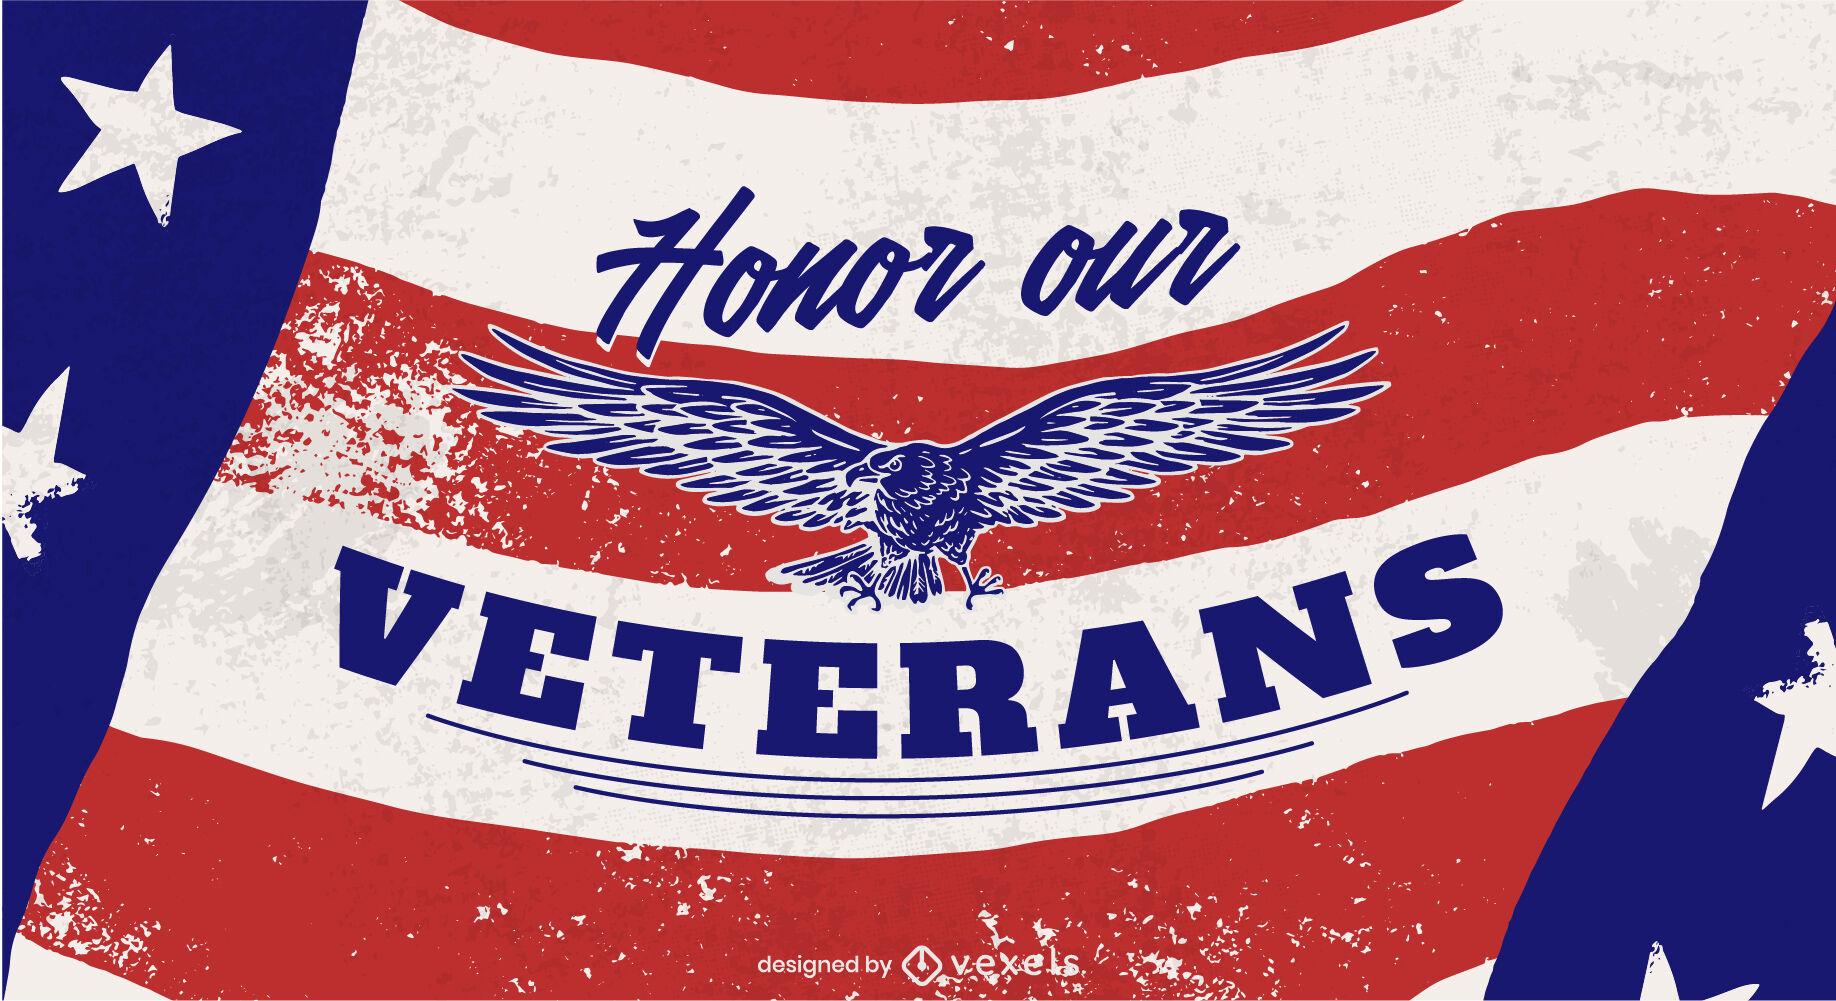 Adler fliegt auf Veterans Day Slider der amerikanischen Flagge